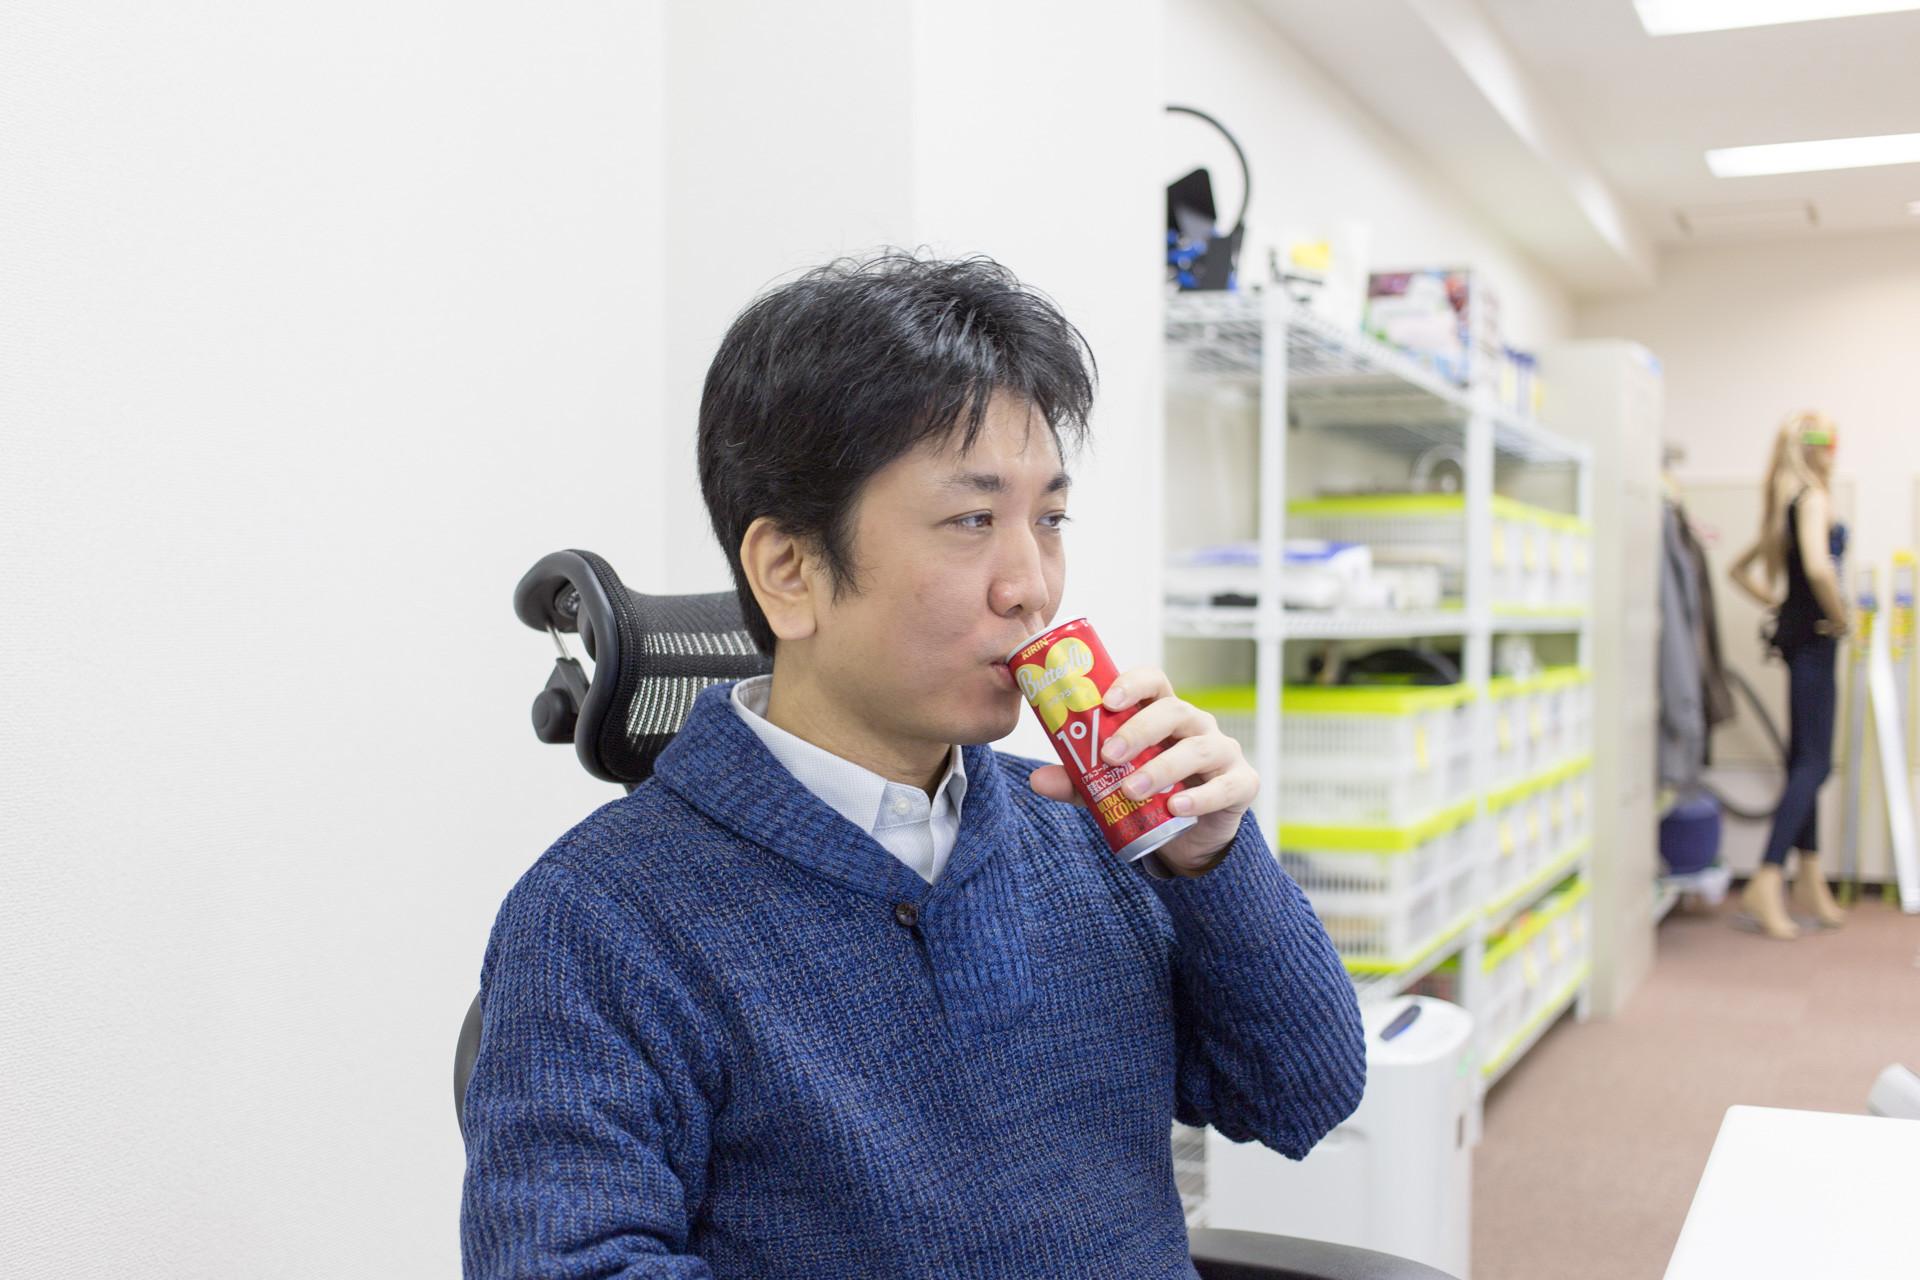 略式? 相模原さぽ-逃亡編-29 相談→留置→起訴? ラスト援